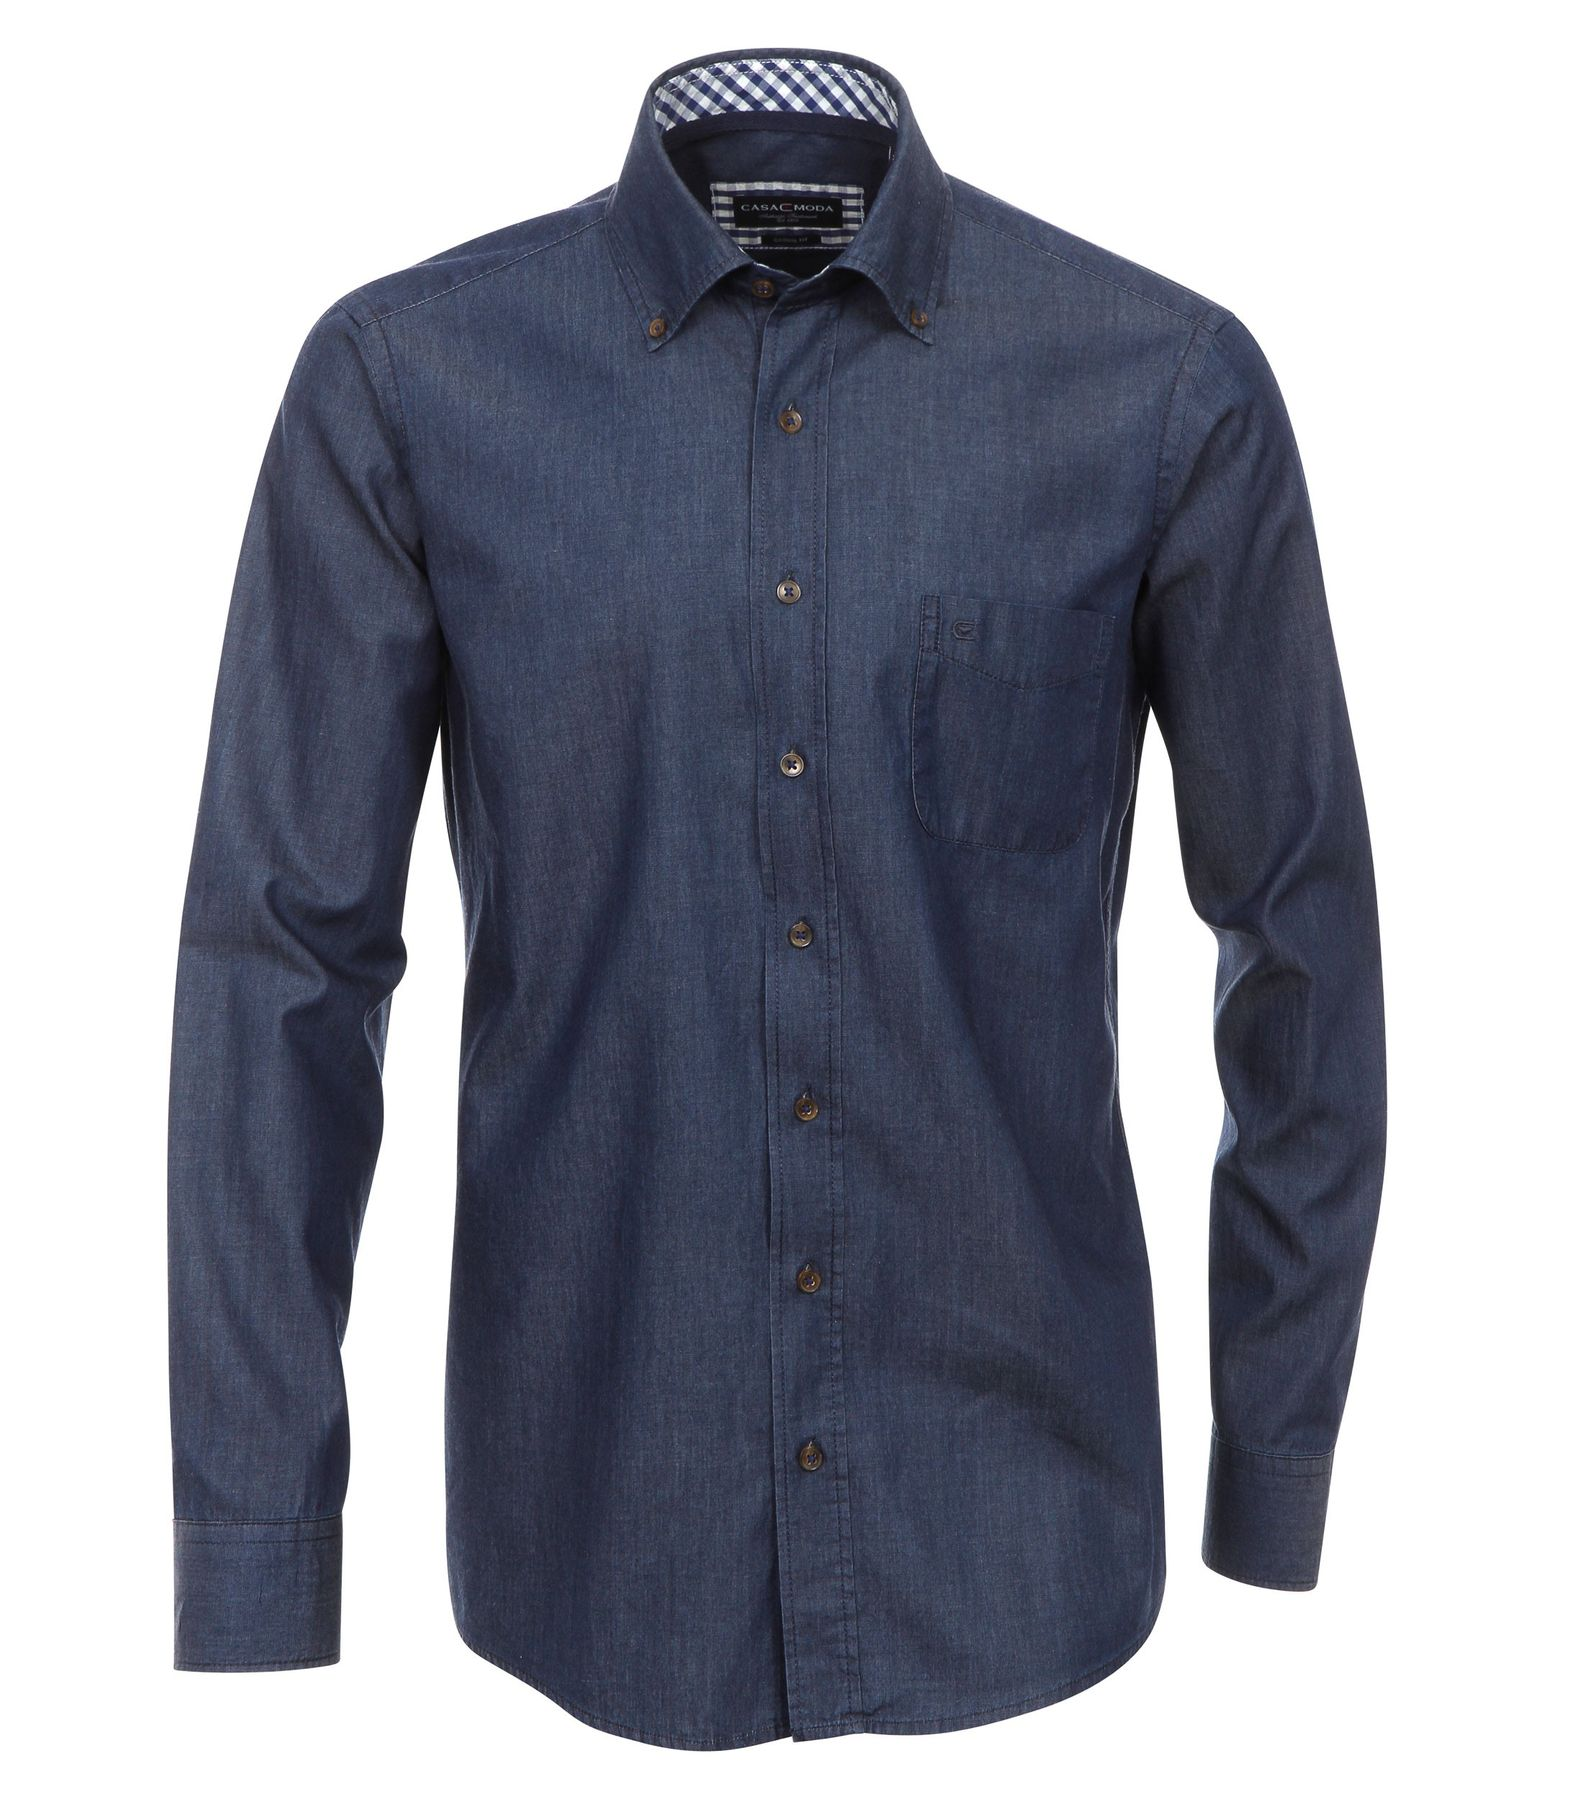 Casa Moda - Casual Fit - Bügelleichtes Herren Langarm Jeans Hemd in verschiedenen Farbtönen S-7XL (006303)